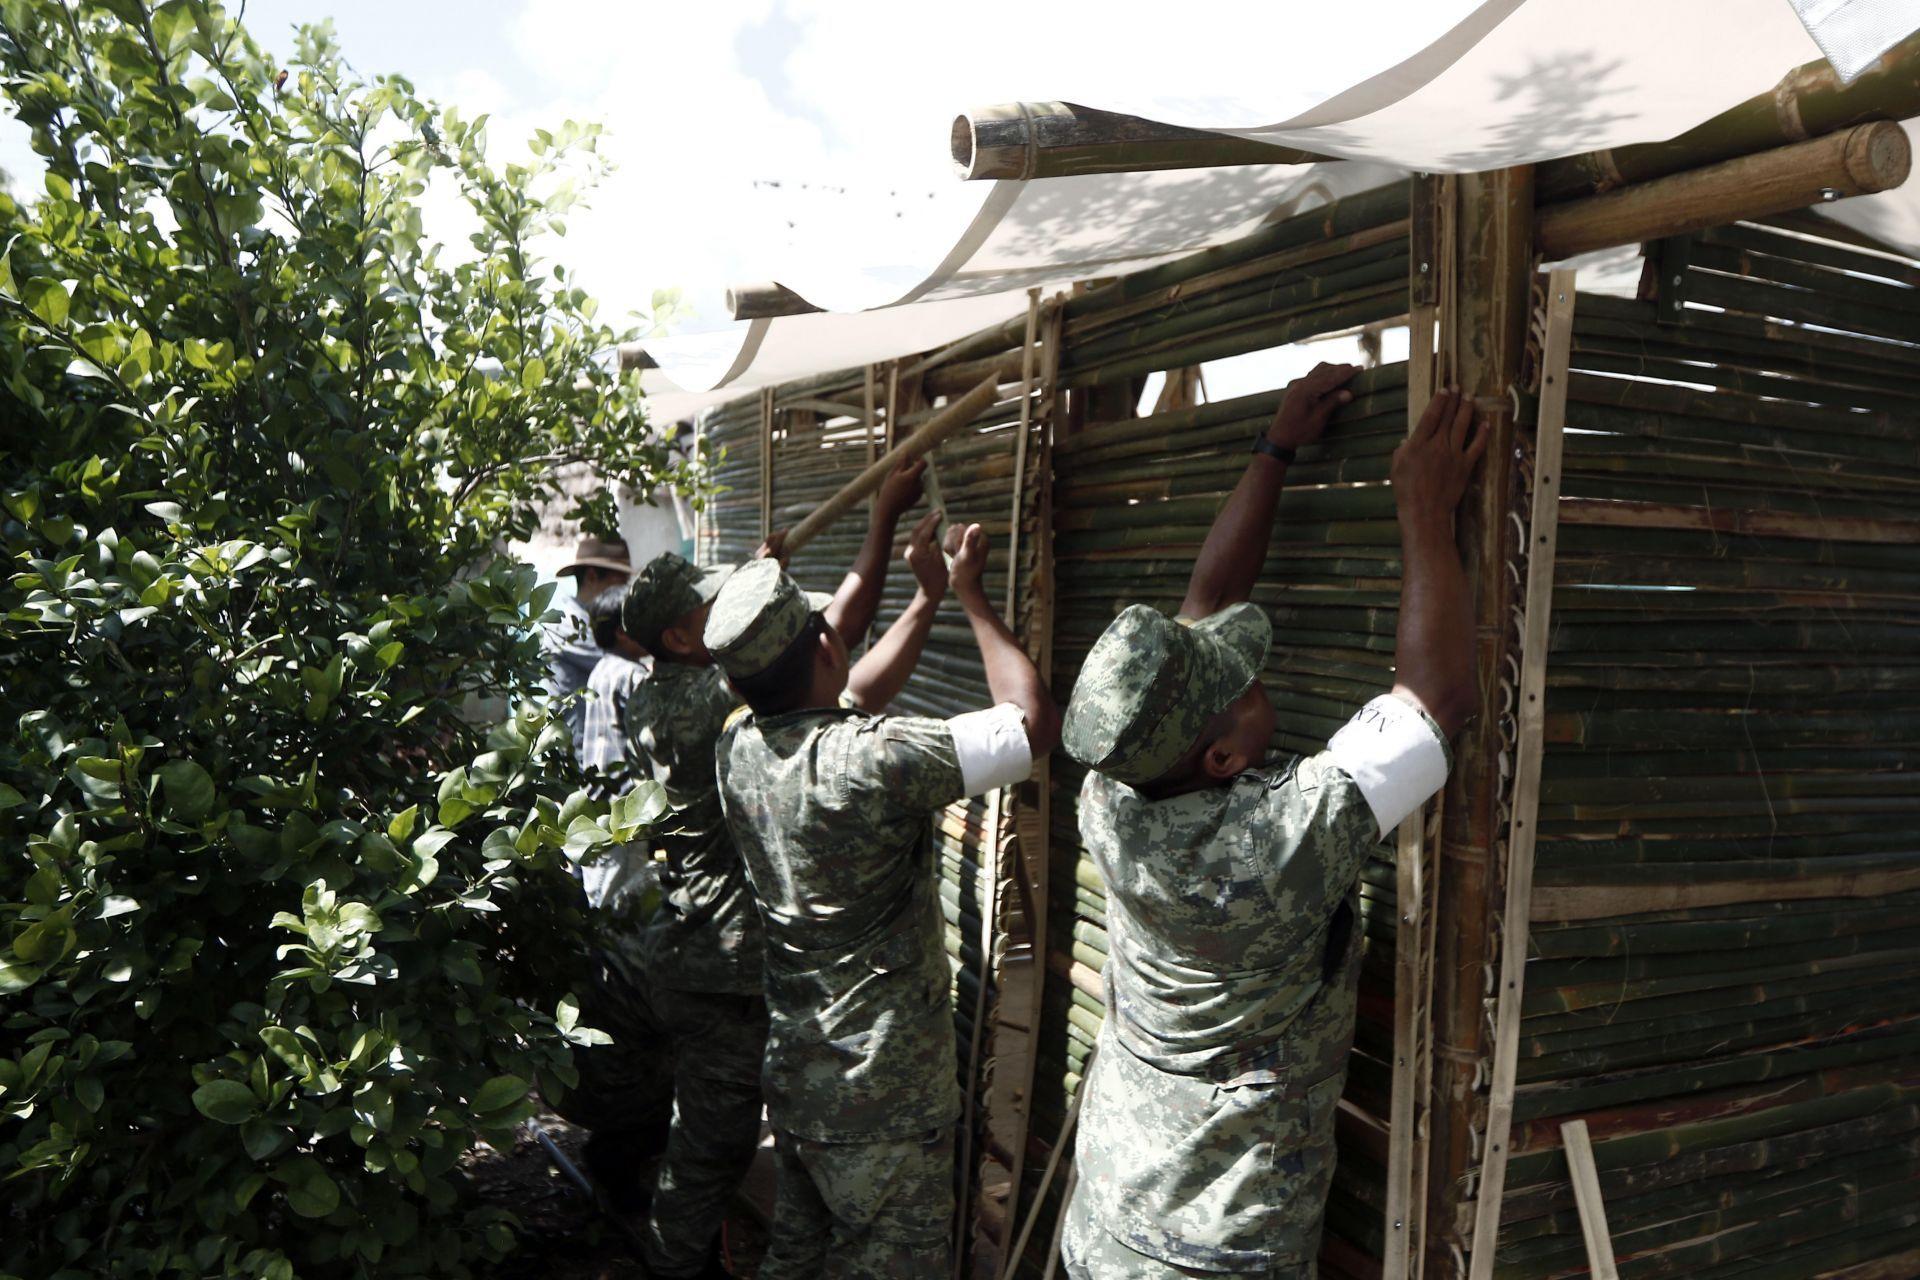 Casas de bambú, una solución temporal para damnificados del sismo en México